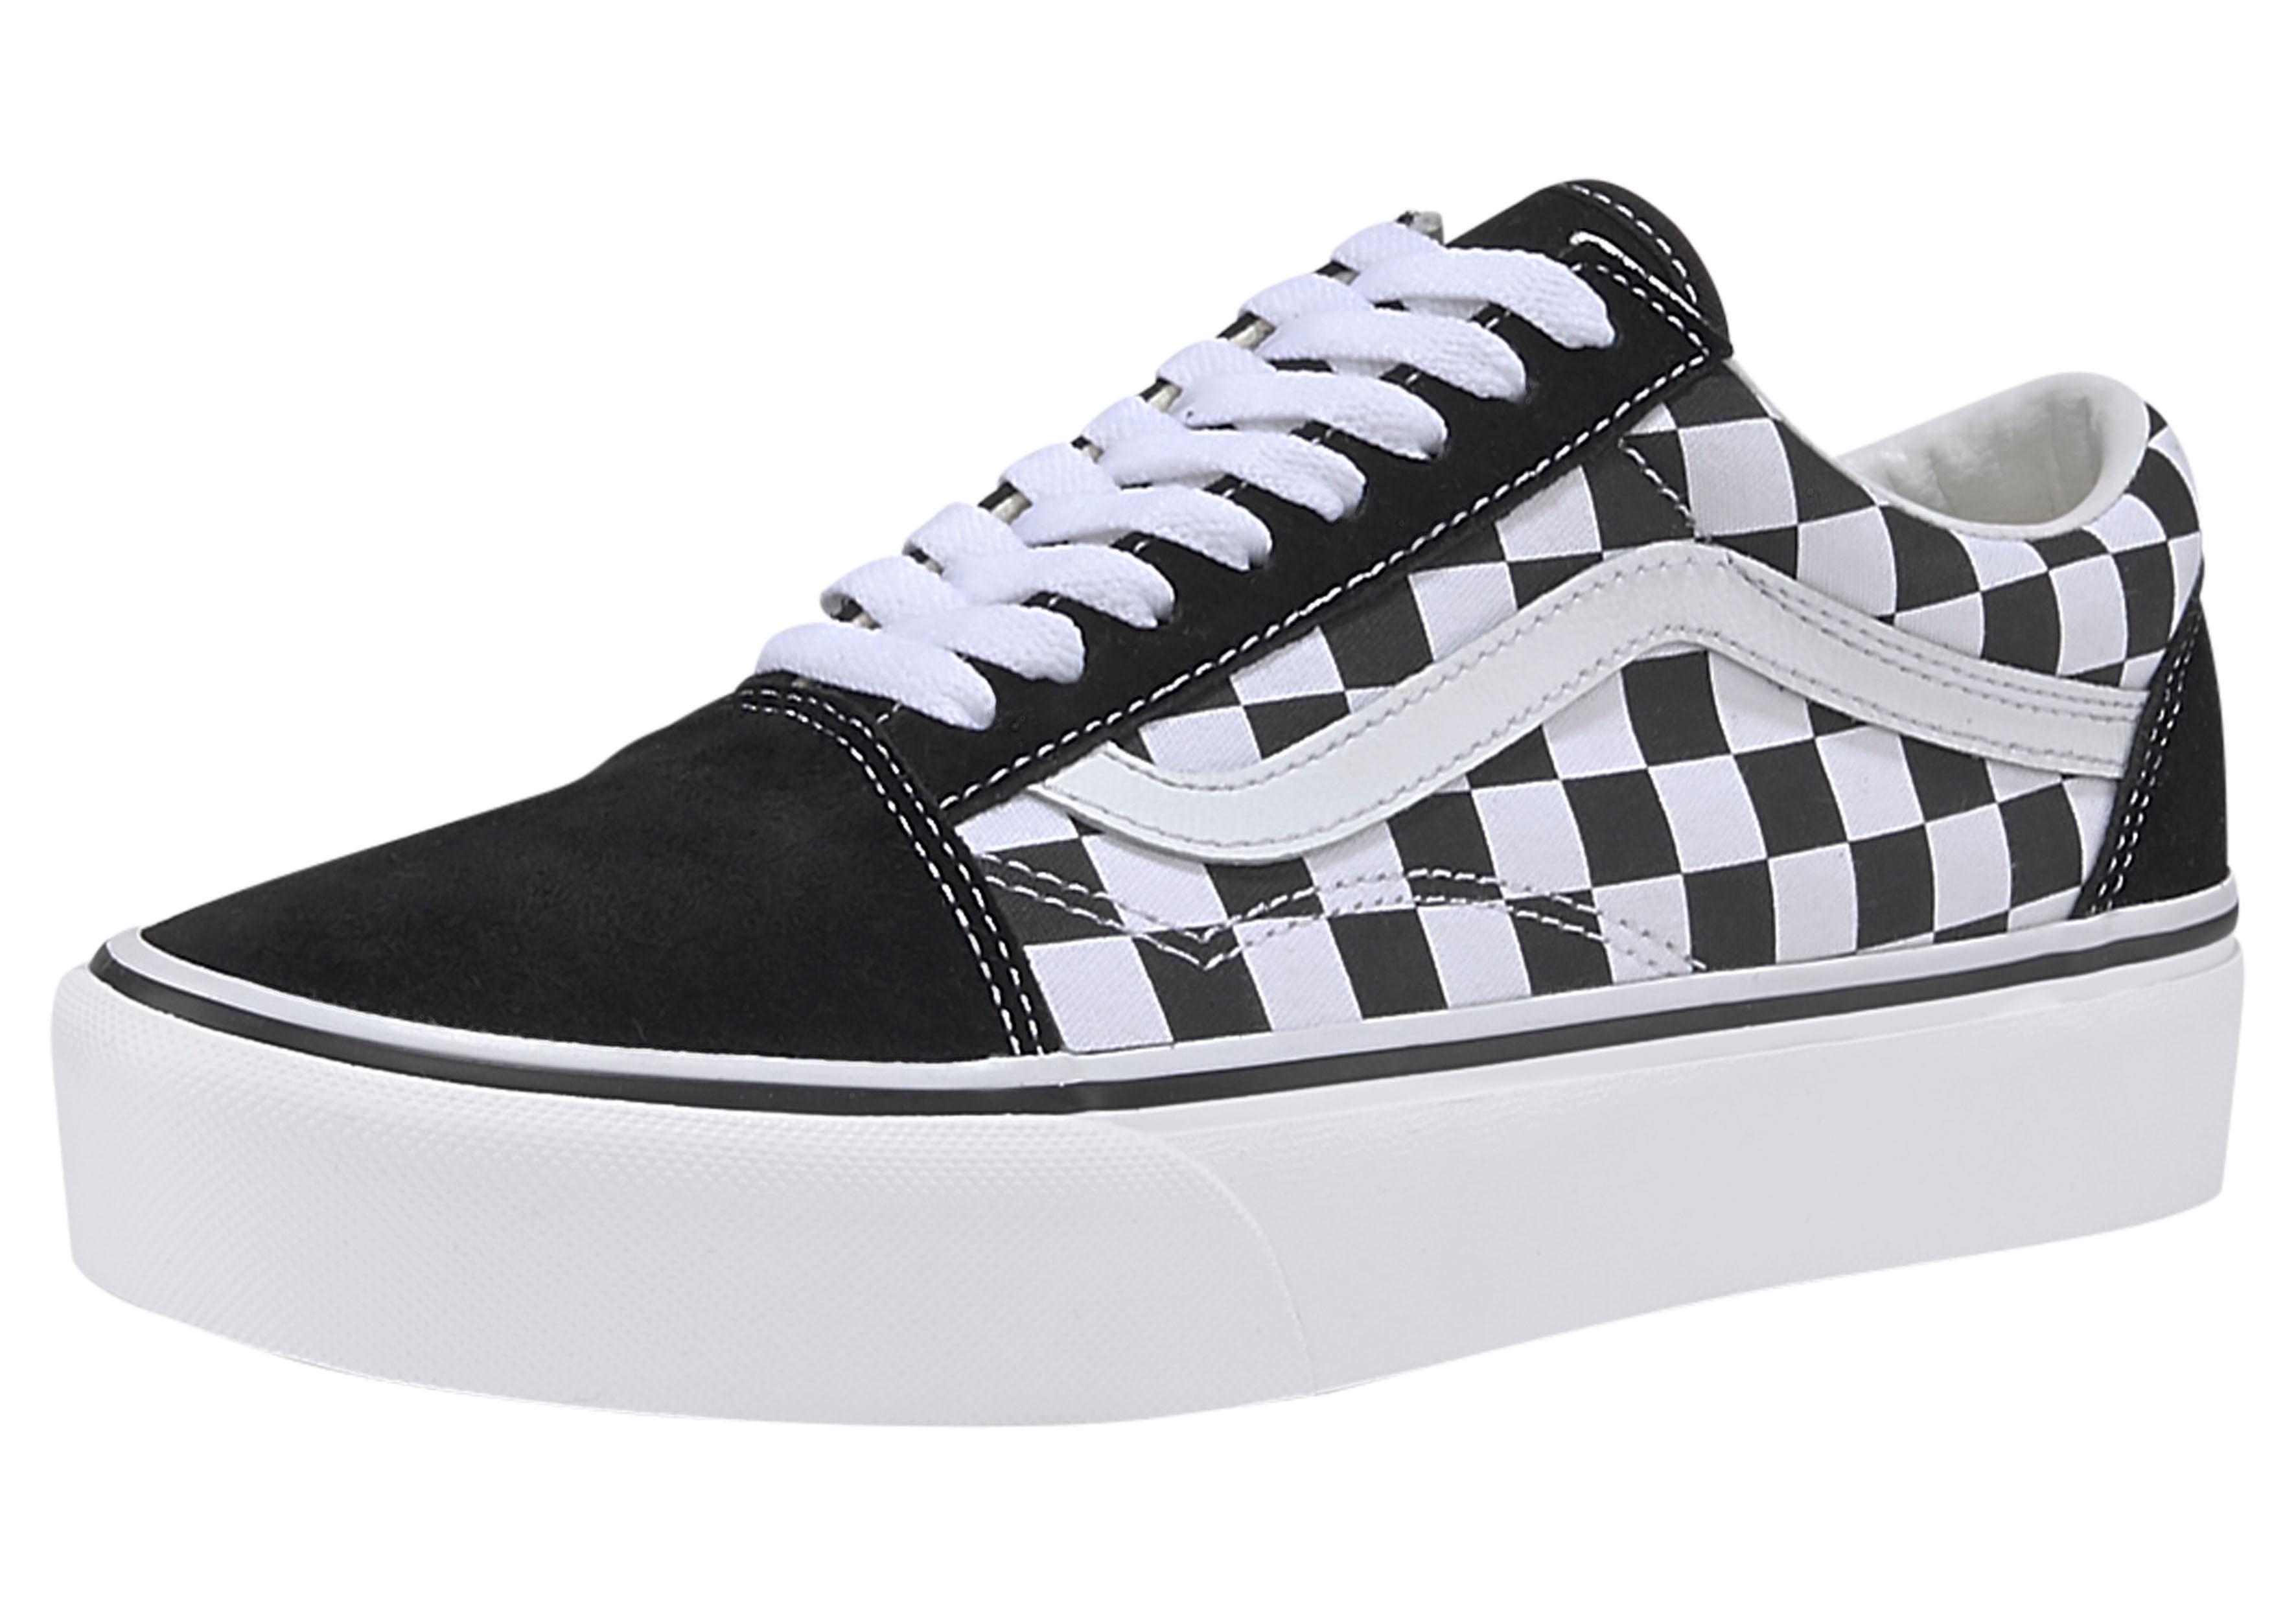 Vans »Old Skool Platform Checkerboard« Plateausneaker online kaufen | OTTO